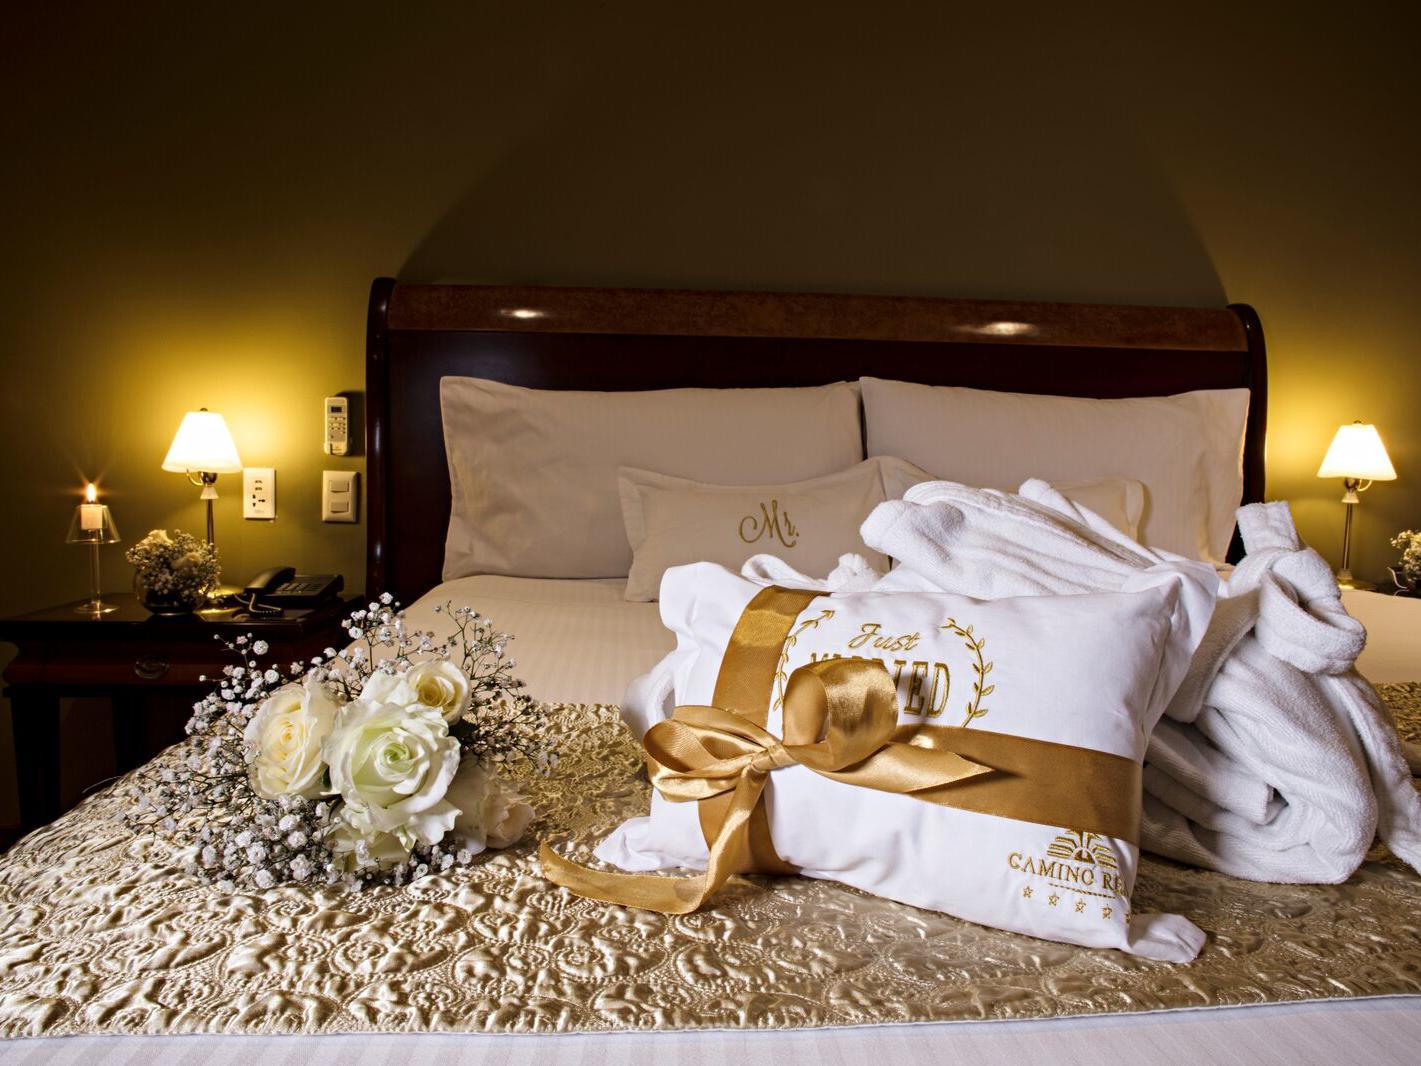 Paquete de bienvenida en la cama